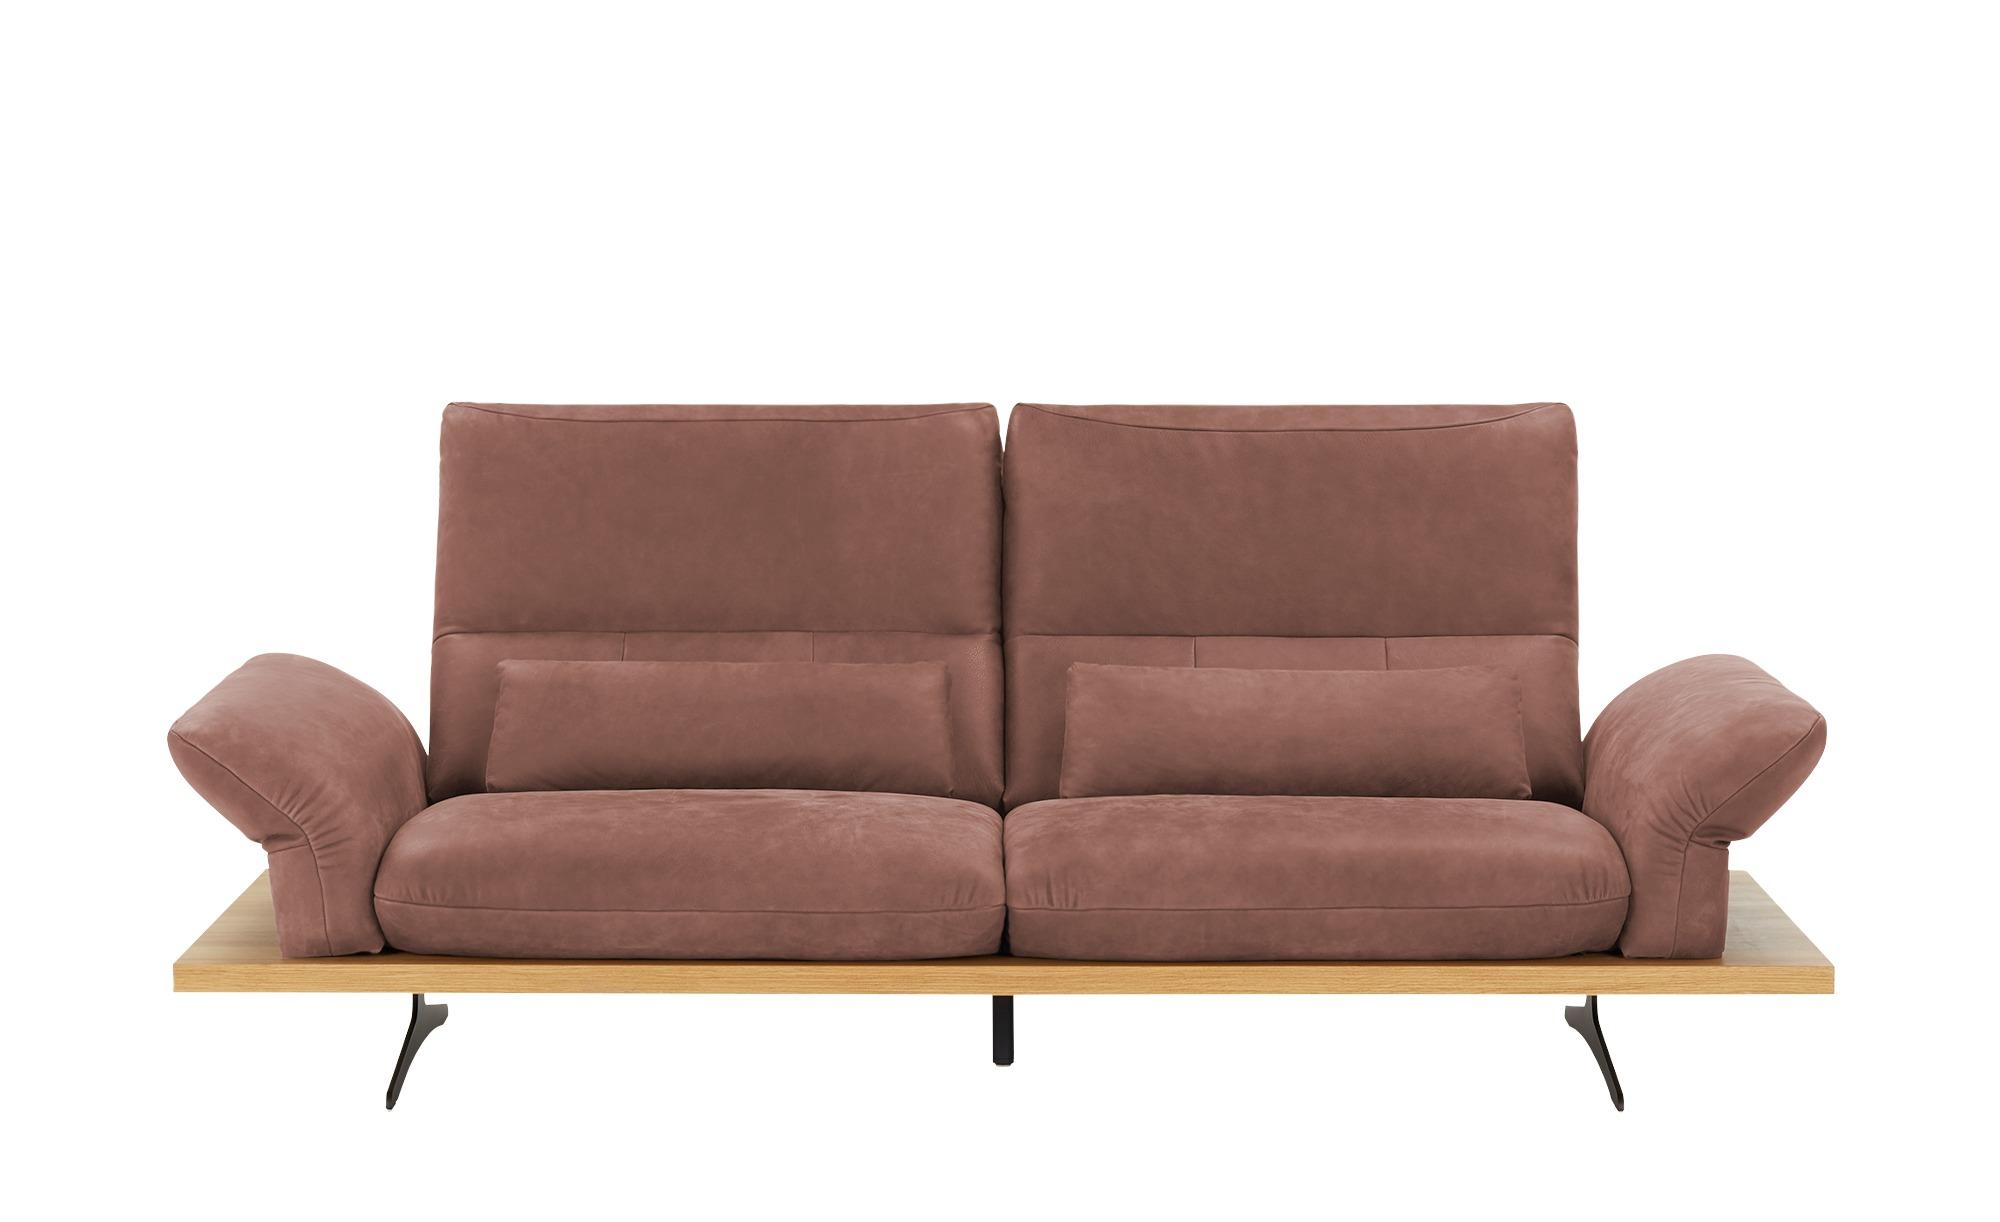 W.SCHILLIG Leder Sofa  Imperia ¦ rot ¦ Maße (cm): B: 240 H: 71 T: 99 Polstermöbel > Sofas > Einzelsofas - Höffner